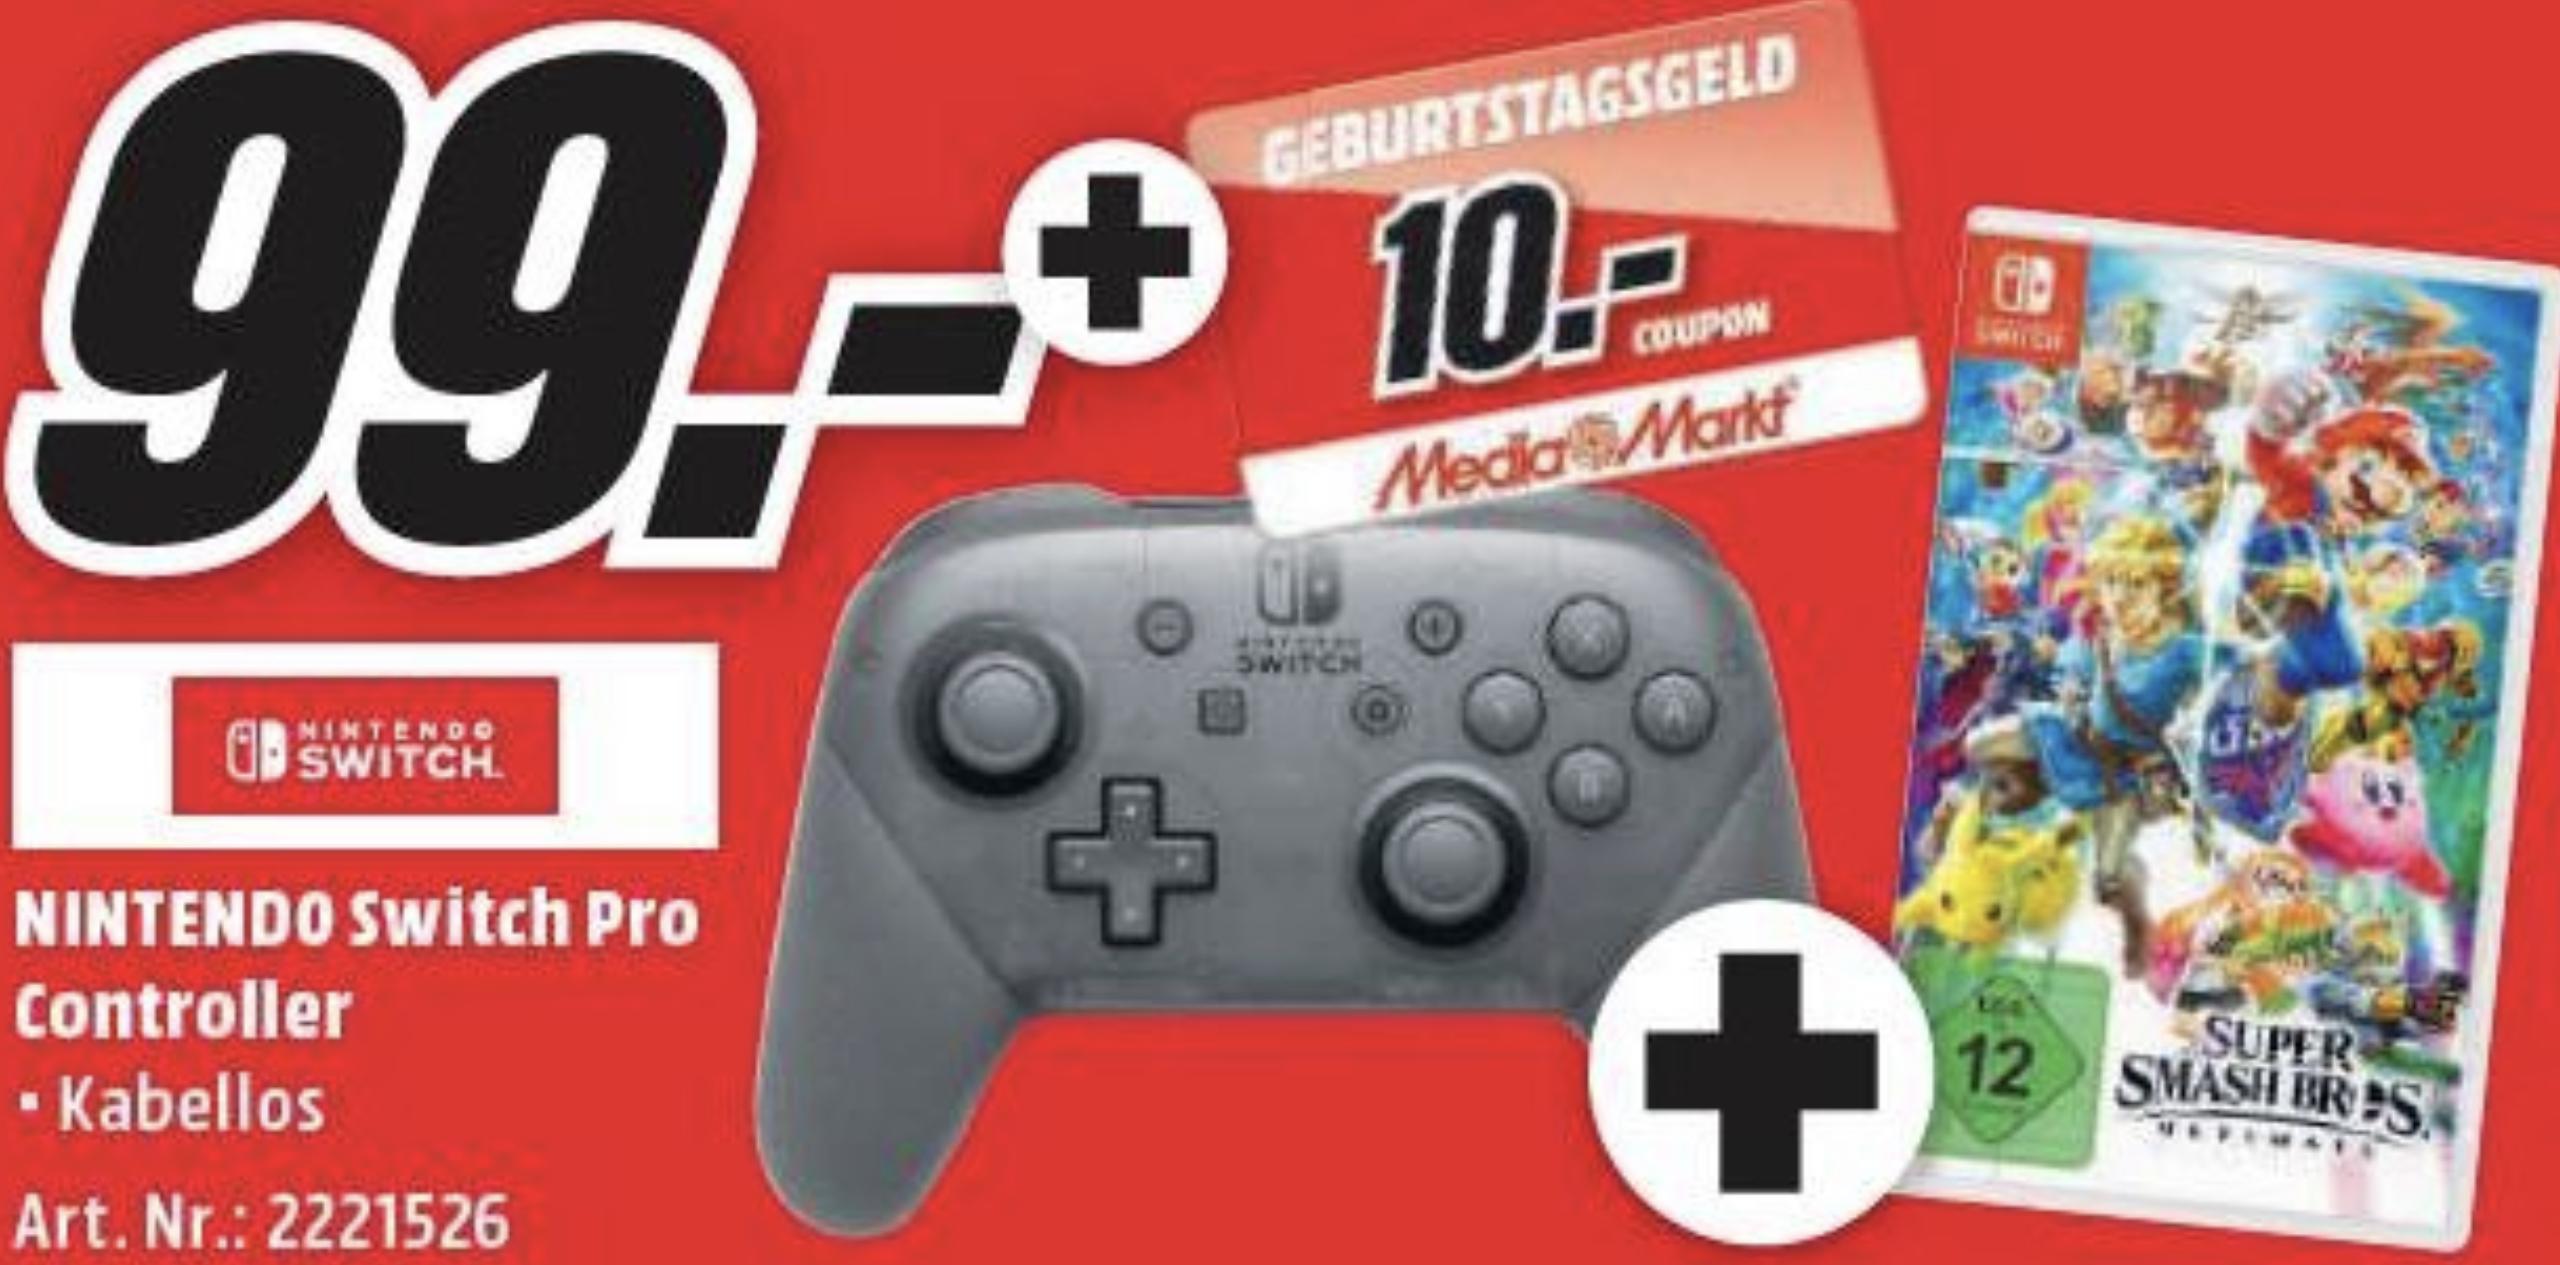 Nintendo Switch Pro Controller + Super Smash Bros. Ultimate + 10€ Geburtstagscoupon geschenkt für 99€ bei Marktabholung